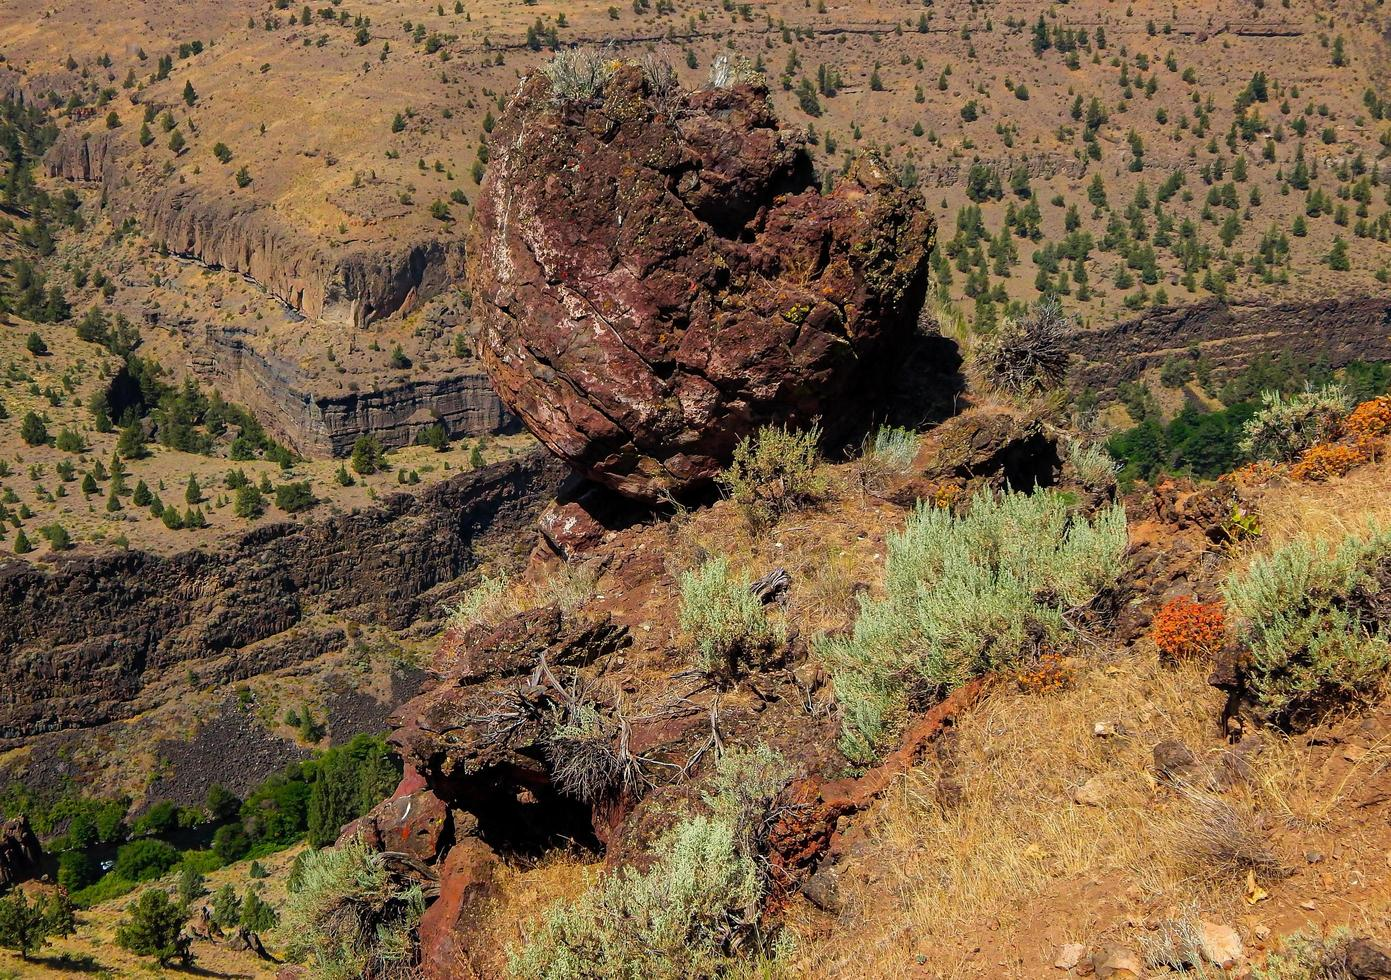 canyon boulder - deschutes river canyon - nära terrebonne, eller foto